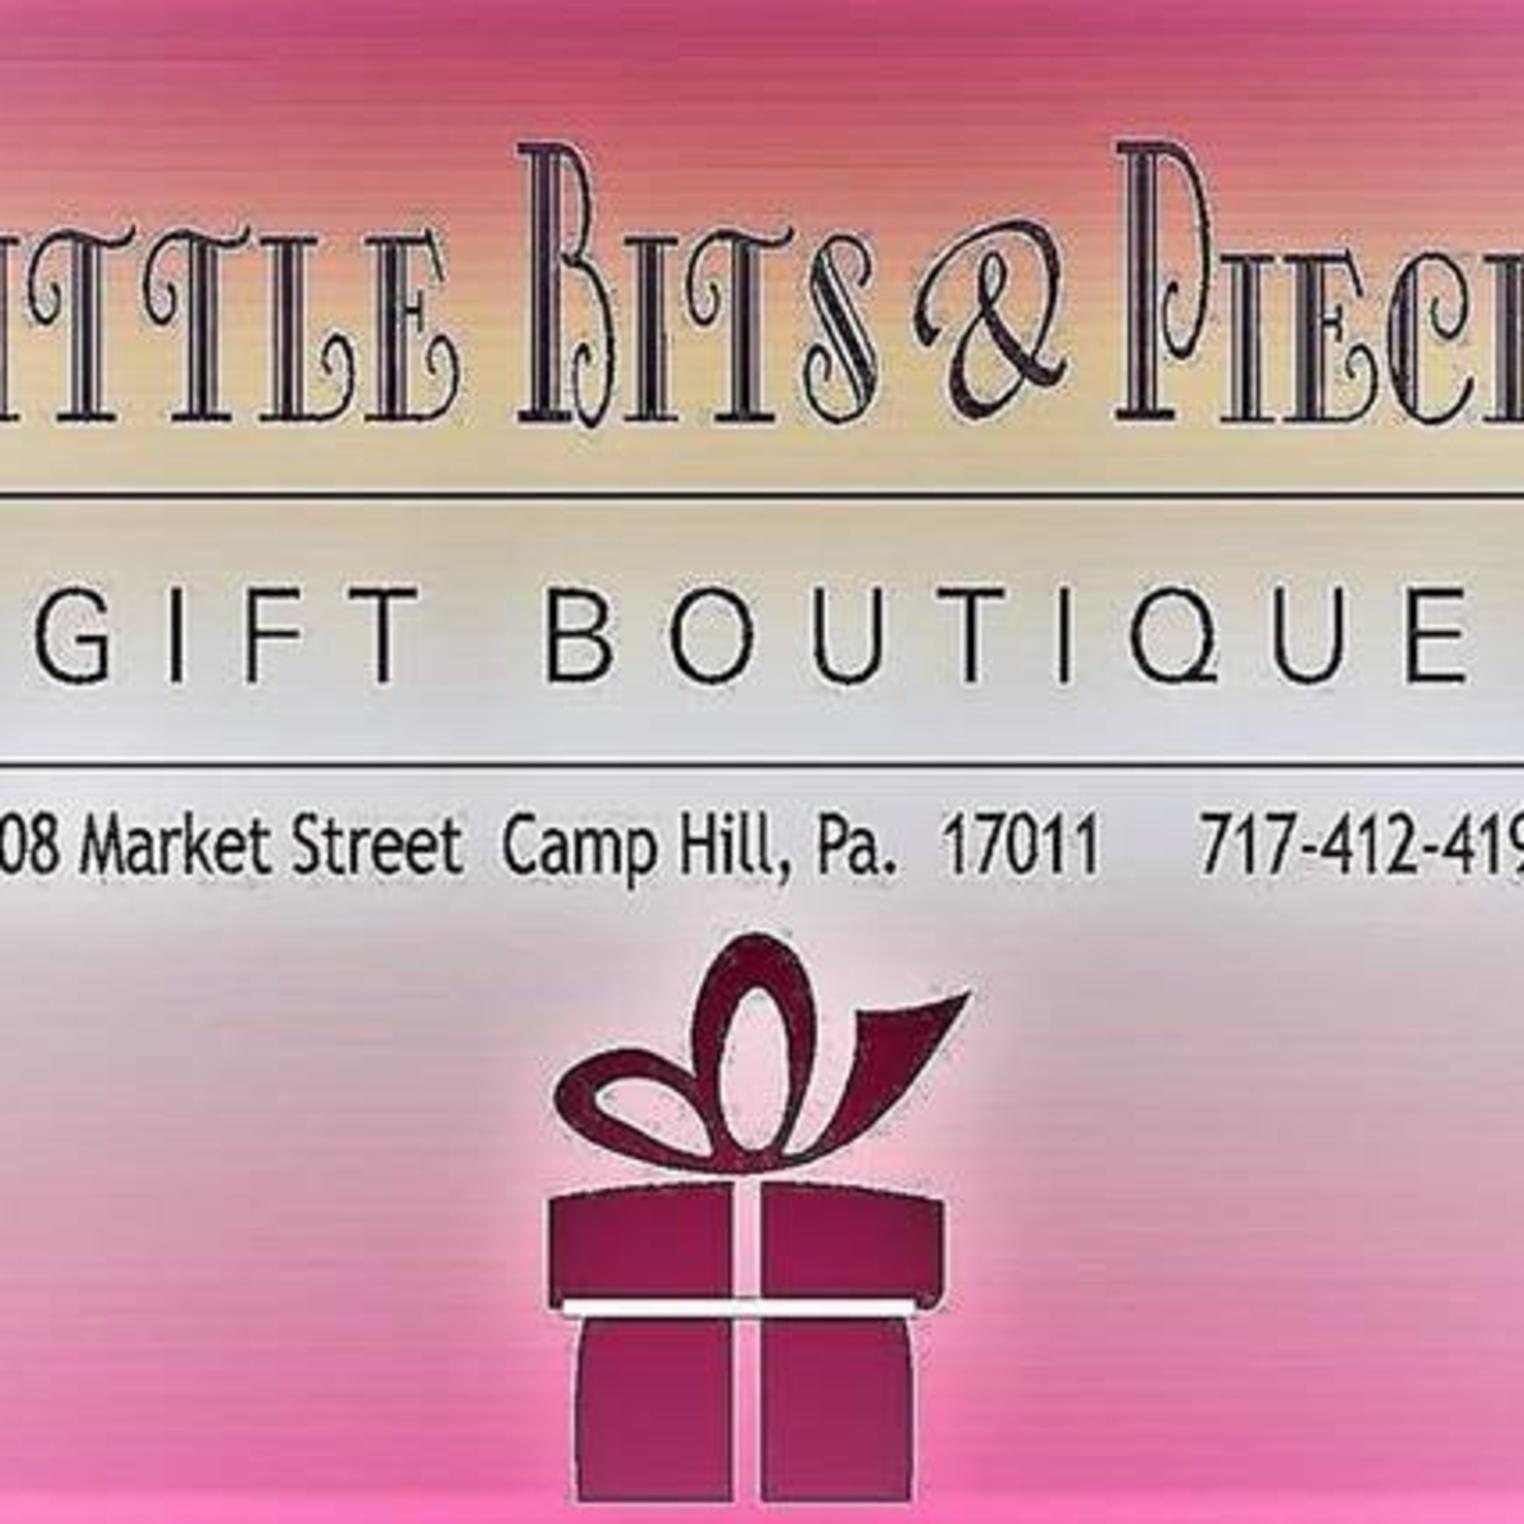 Little Bits & Pieces Gift Boutique